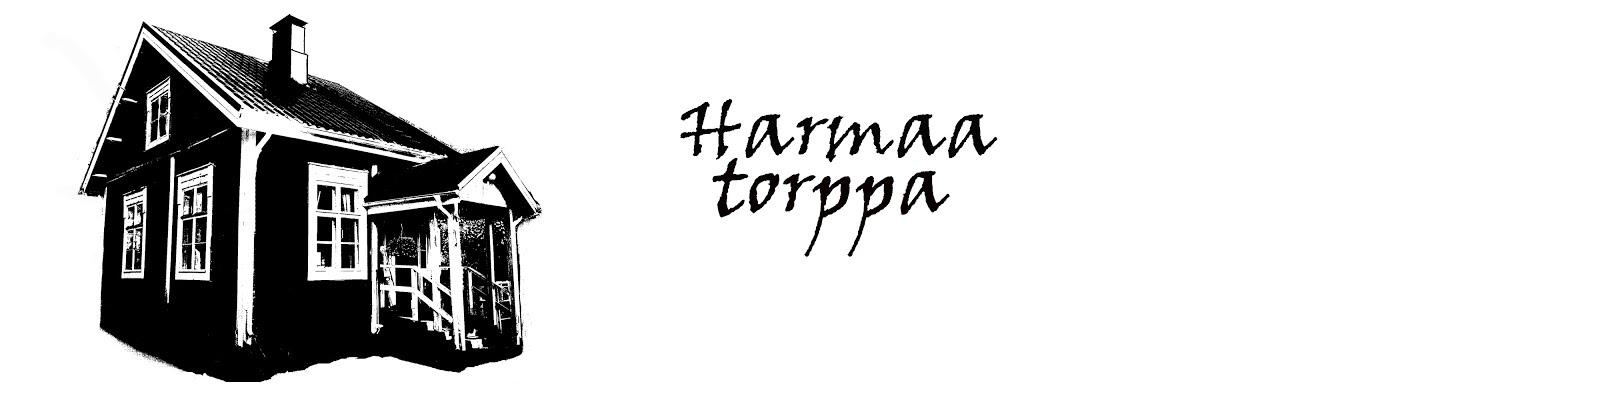 Harmaa torppa